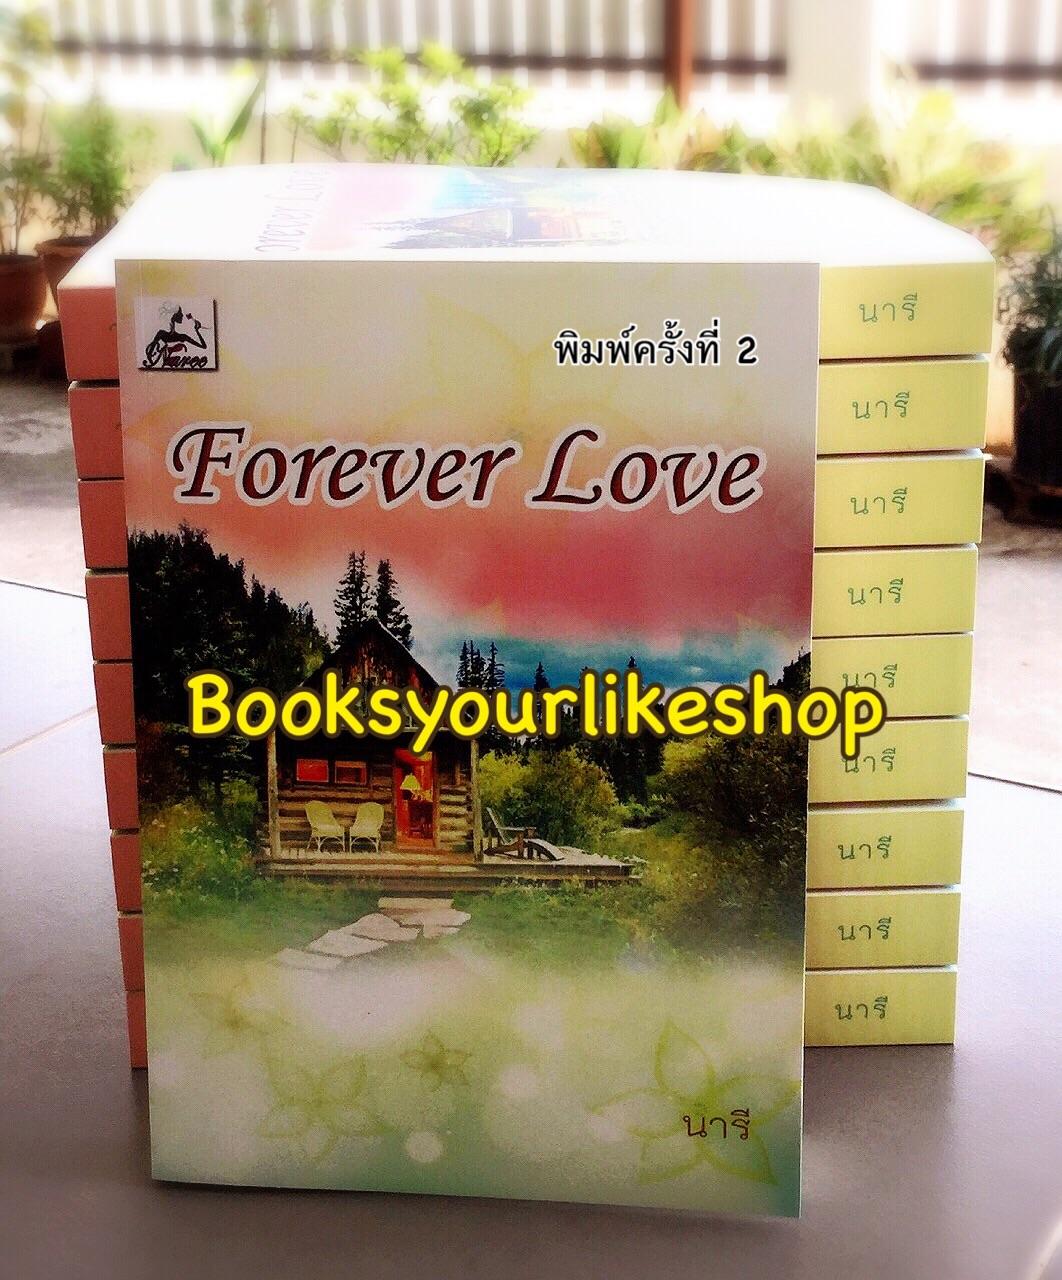 นิยายชุด Forever Love เพลิงเสน่หา ทาสเสน่หา ห่วงเสน่หา / นารี หนังสือใหม่ทำมือ *** สนุกคะ ***